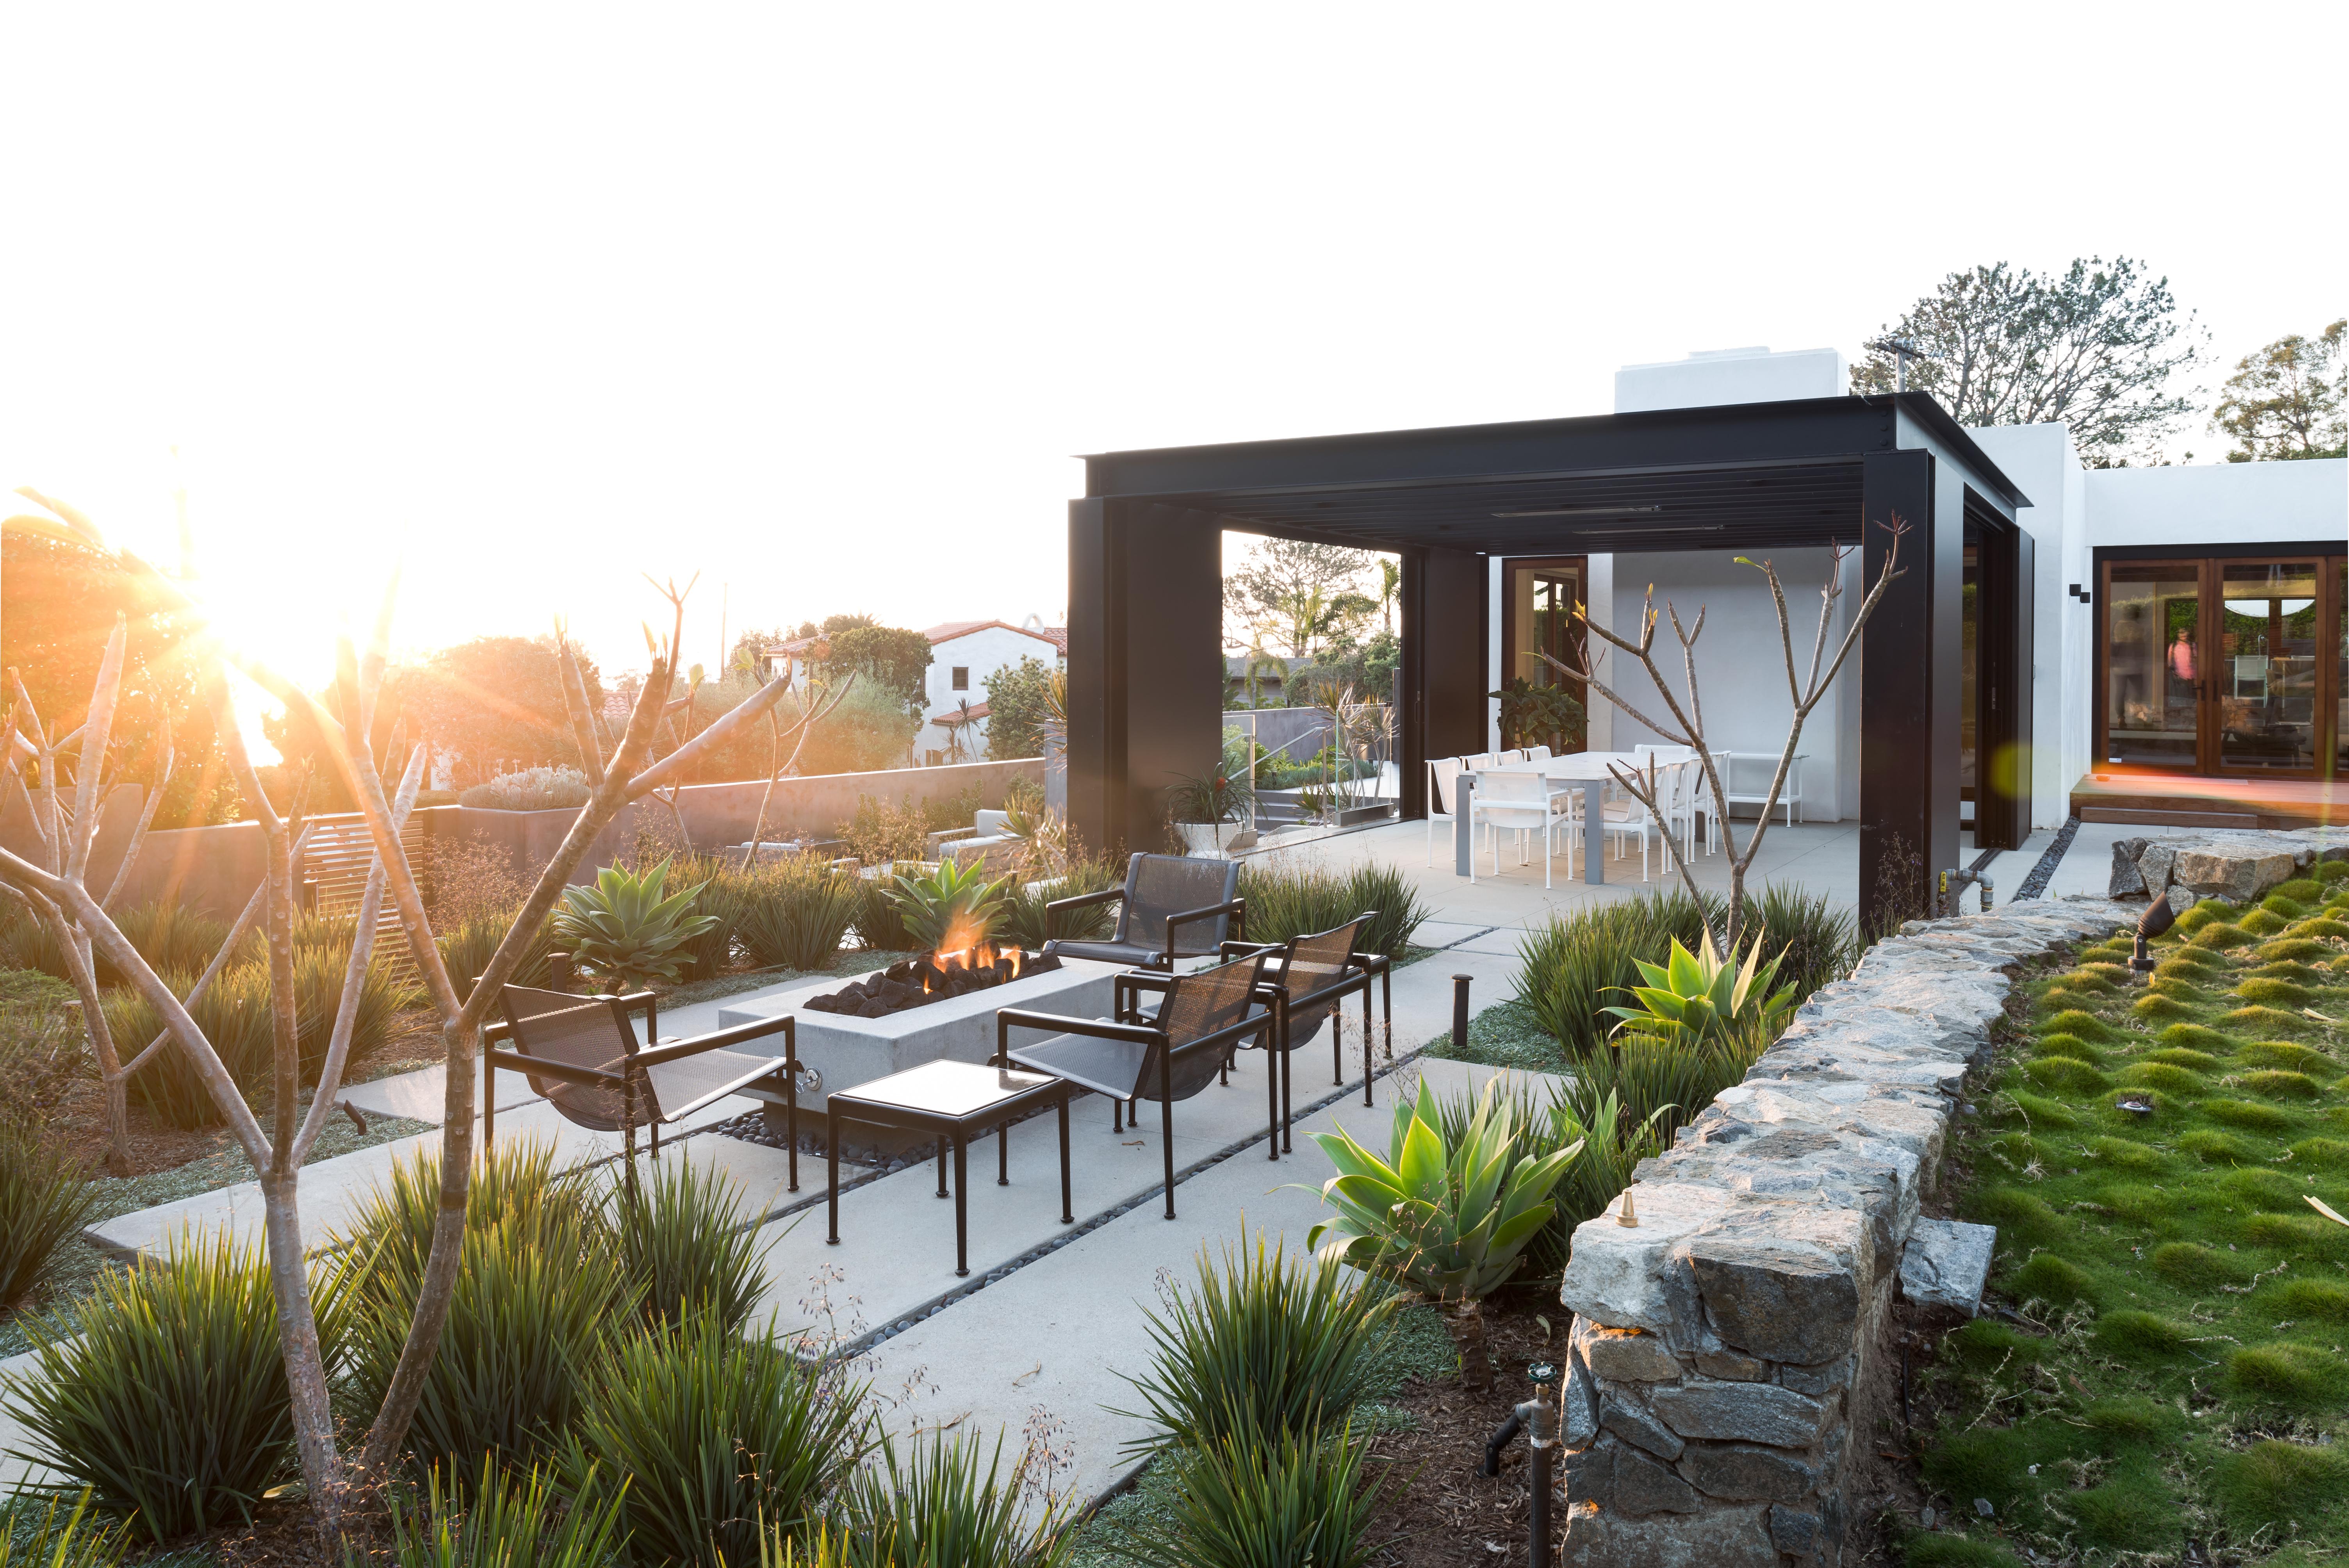 Marcie Harris Landscape Architecture